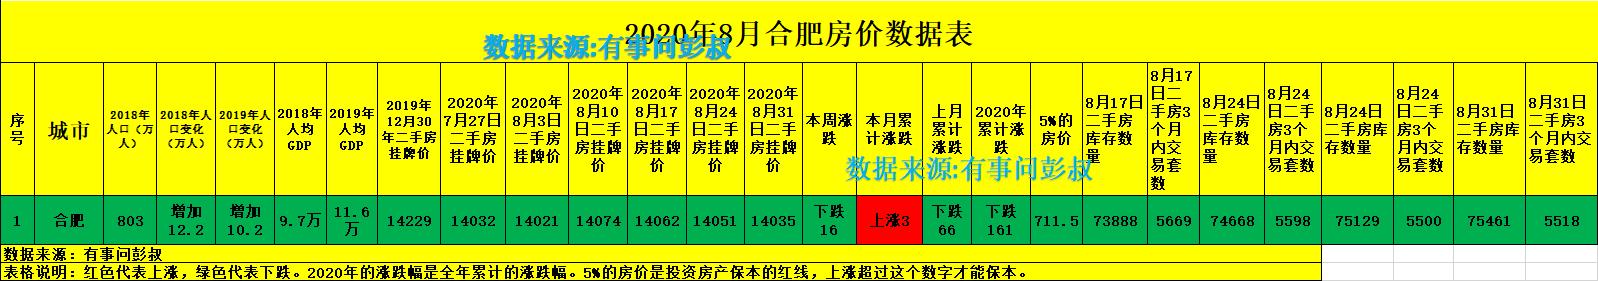 8月合肥楼市汇总数据出炉,楼市大降温,房价七连跌